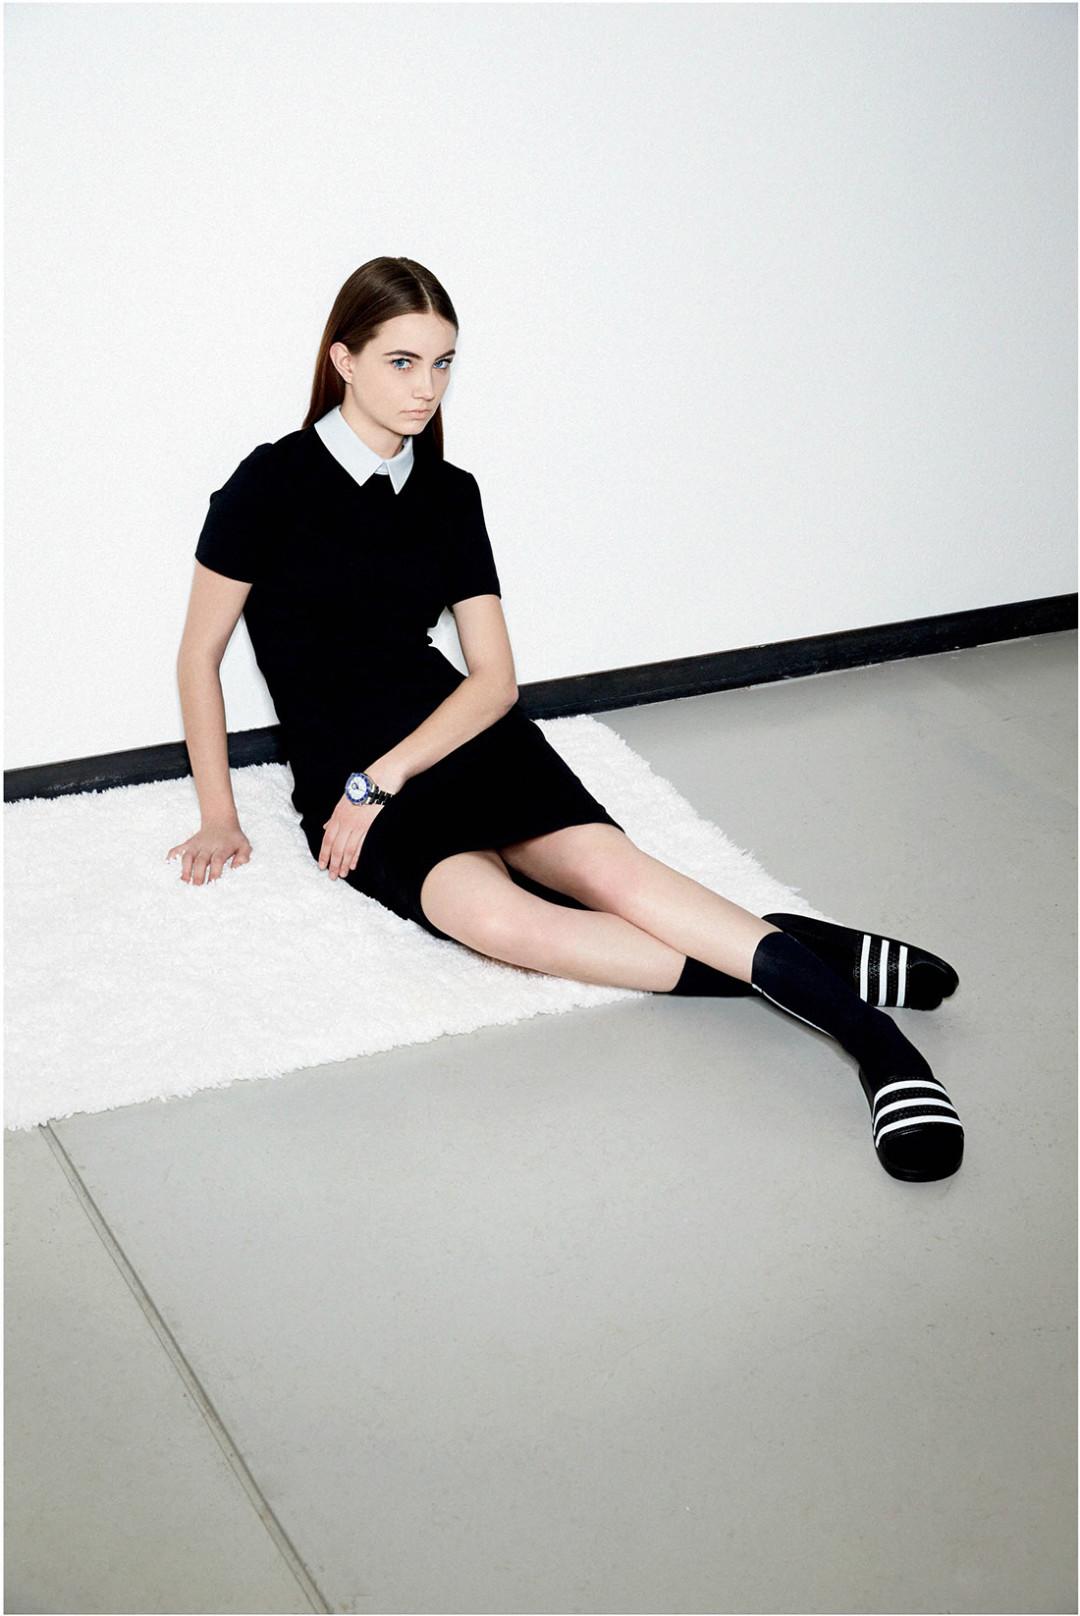 0215 plain spoken black dress socks dthdj6